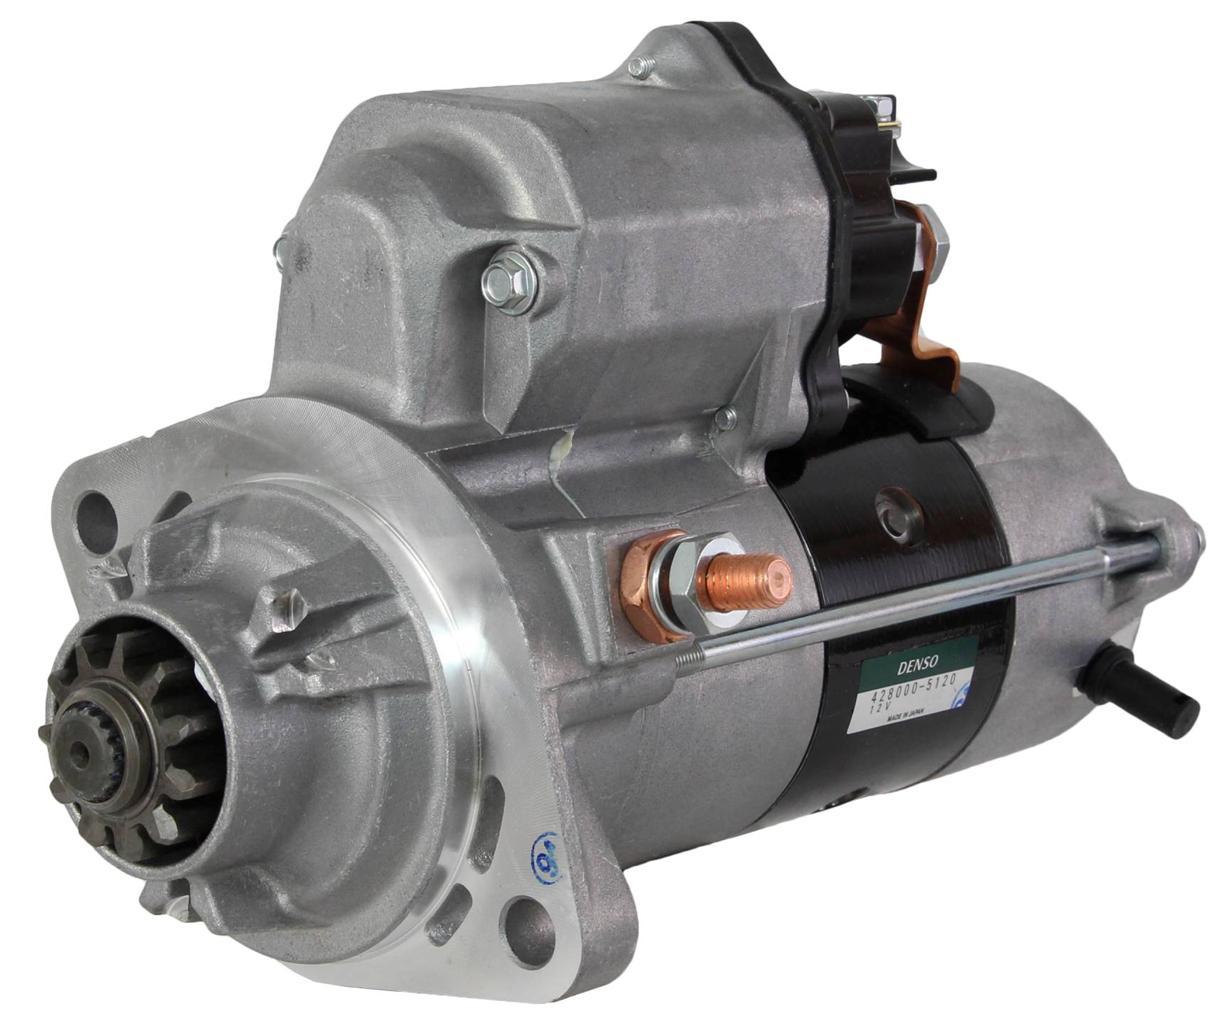 New Starter Motor Fits Cummins 6 7 Isb 90032414 4280005120